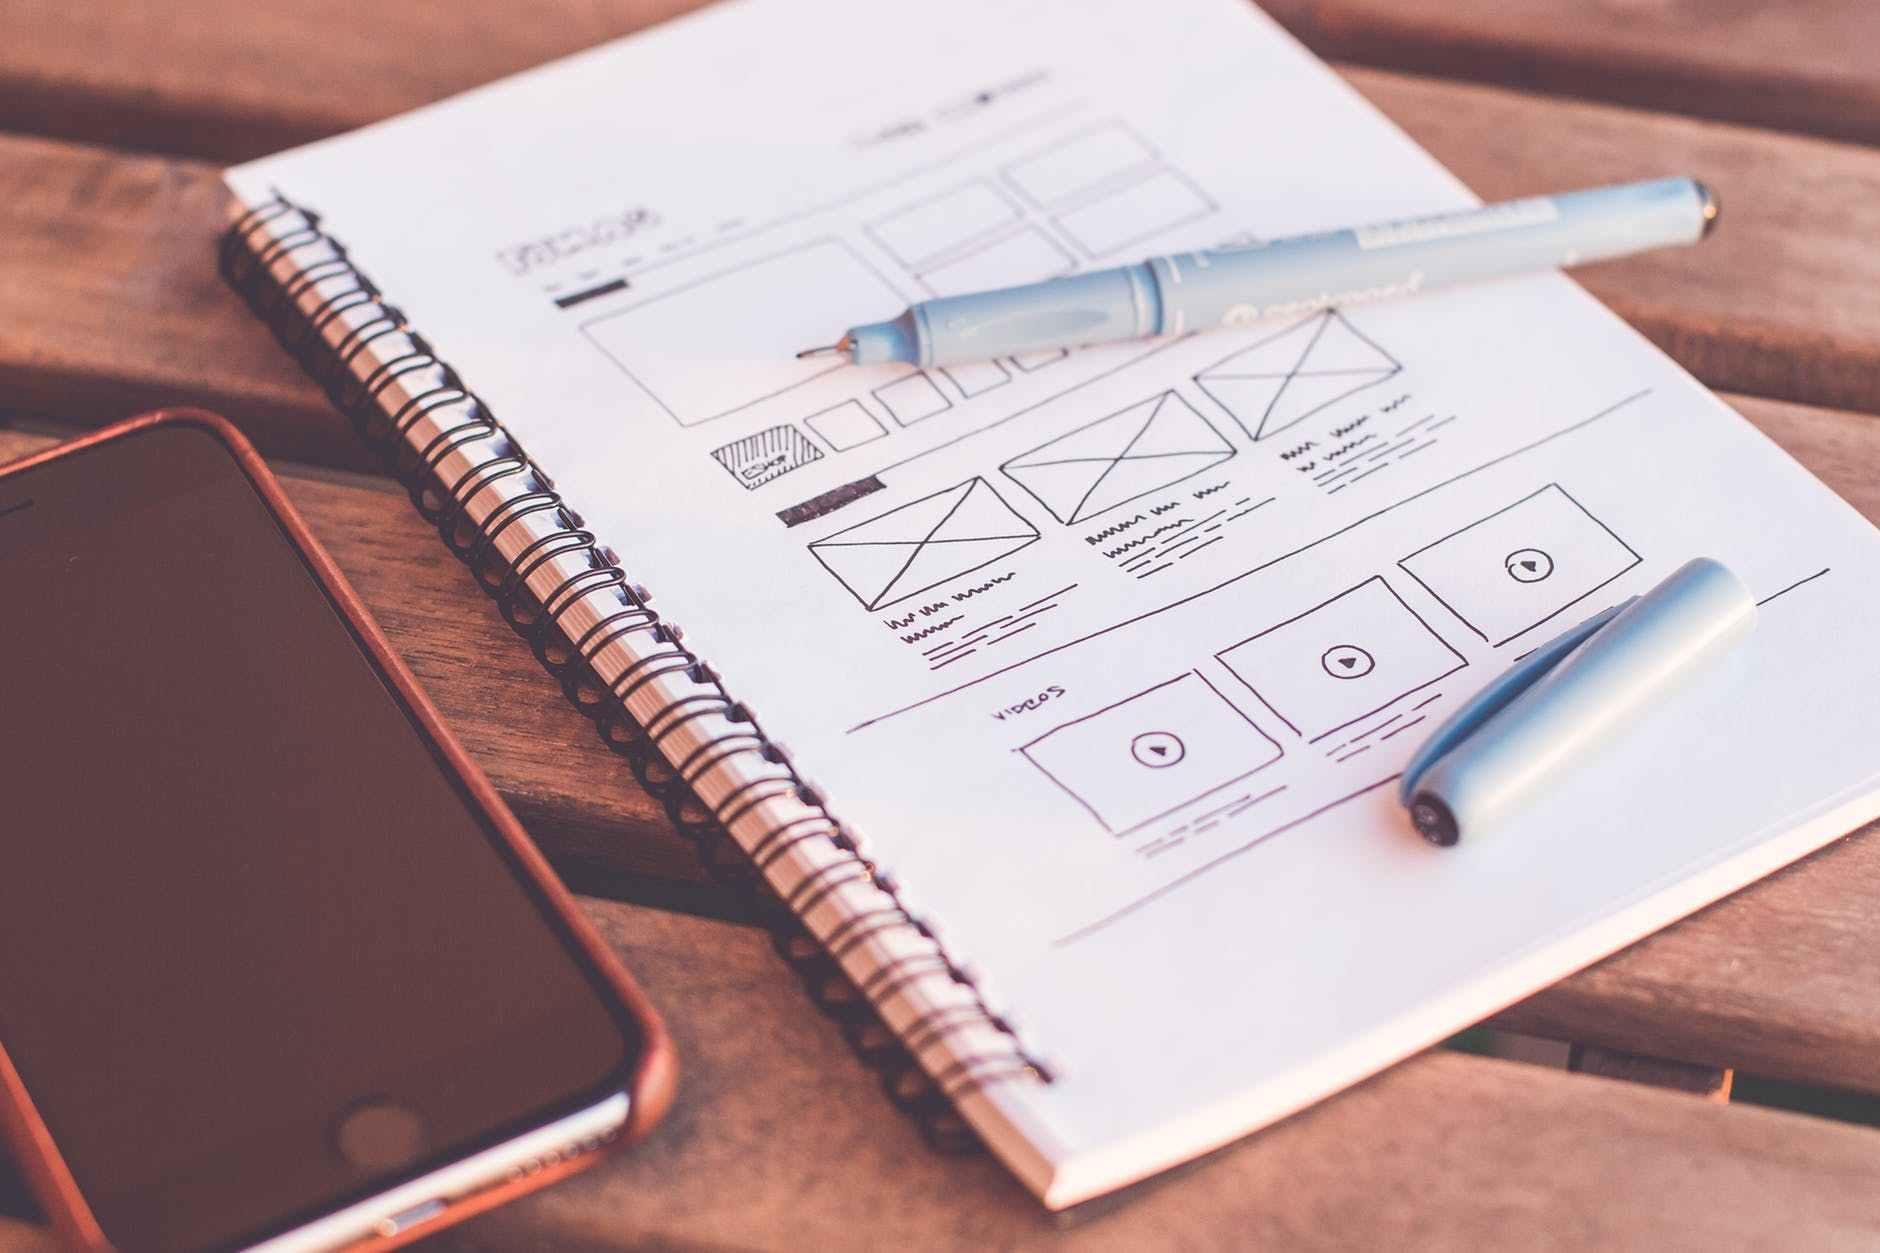 Perbedaan antara UI Designer, UX Designer, dan Product Designer